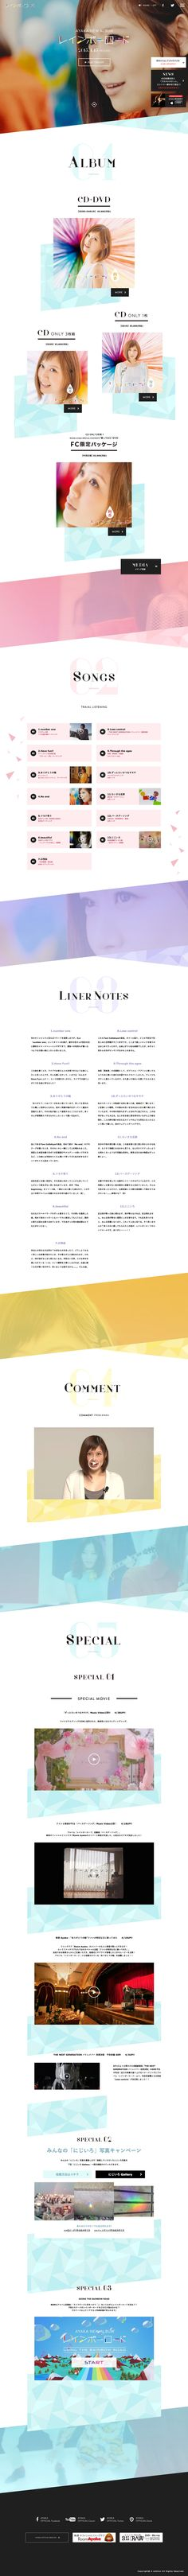 絢香 | Album「レインボーロード」Special Site